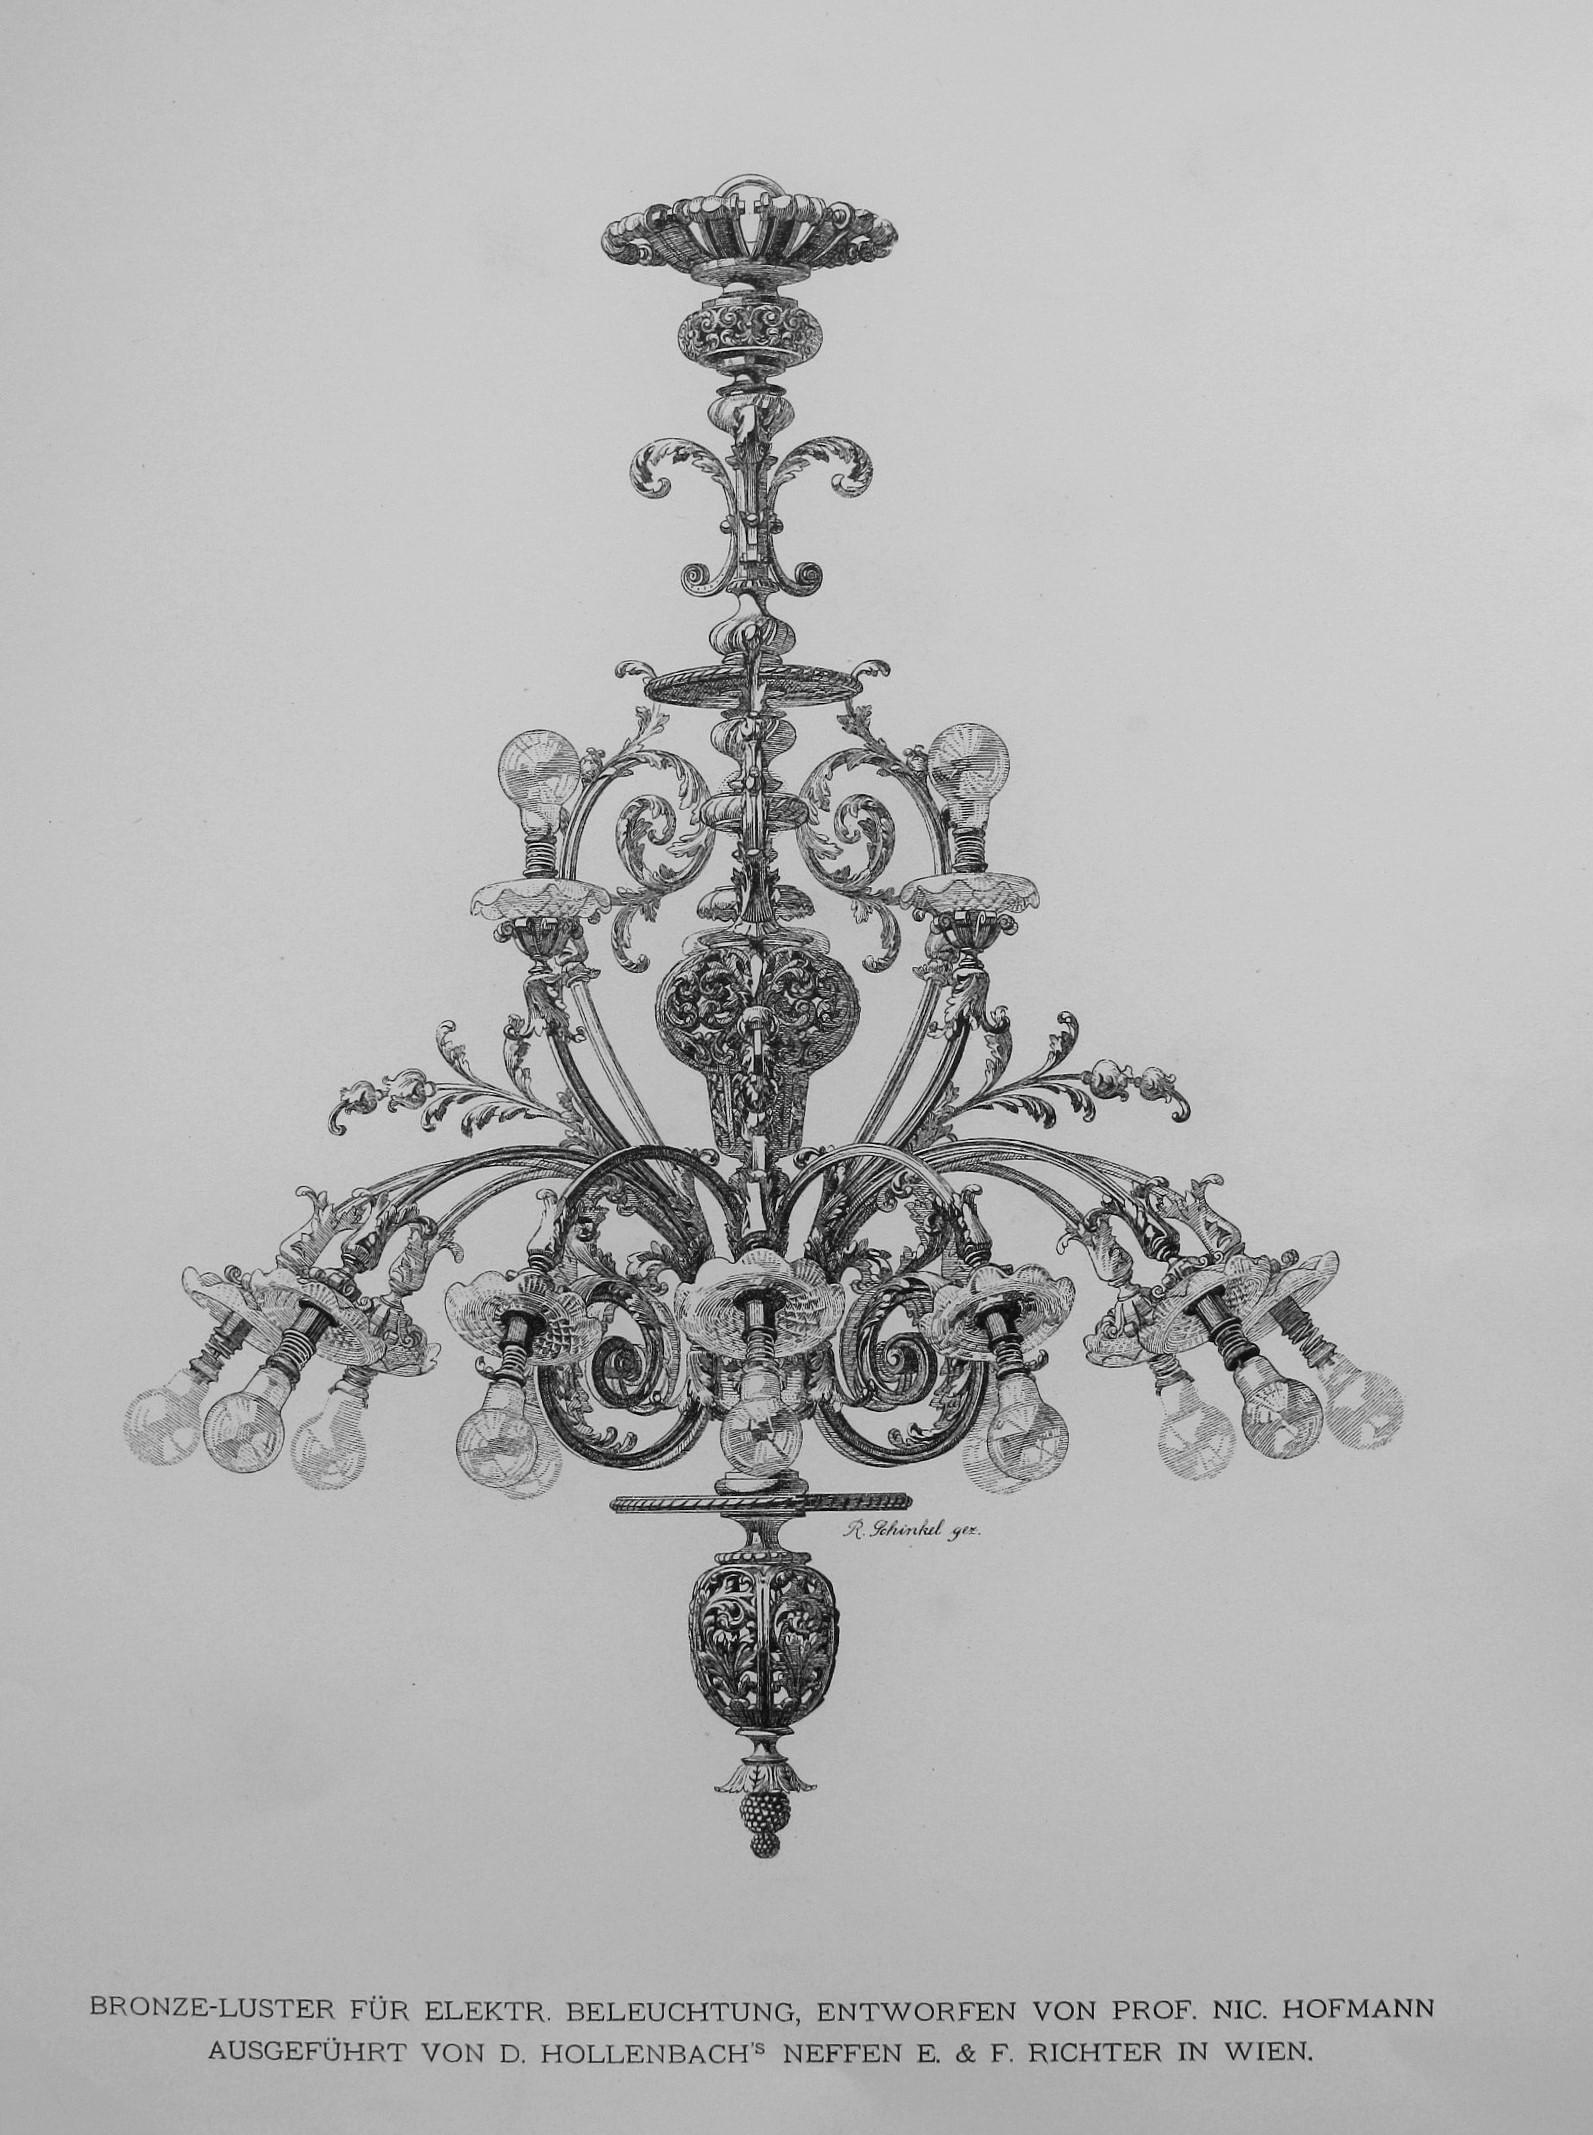 Chandelier project by prof. Nic. Hofmann, 1897.  Blatter fur kunstgewerbe organ des wiener kunstgewerbe-vereins, in: VDA Senų ir retų spaudinių skyrius, 7.03(051) Bl-17